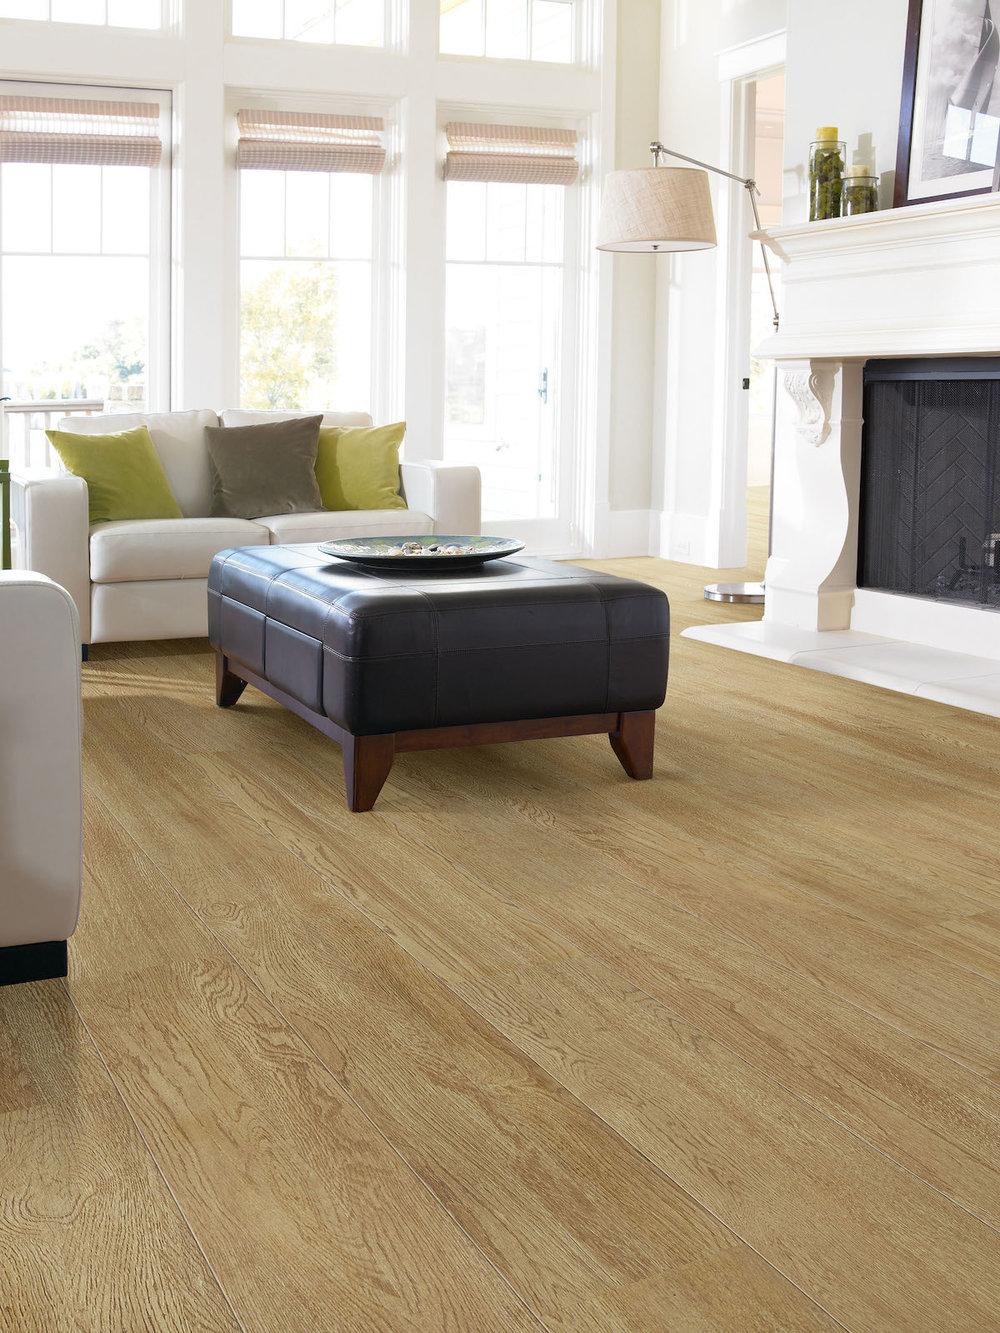 Laminate Flooring from Acadian Flooring Design Center